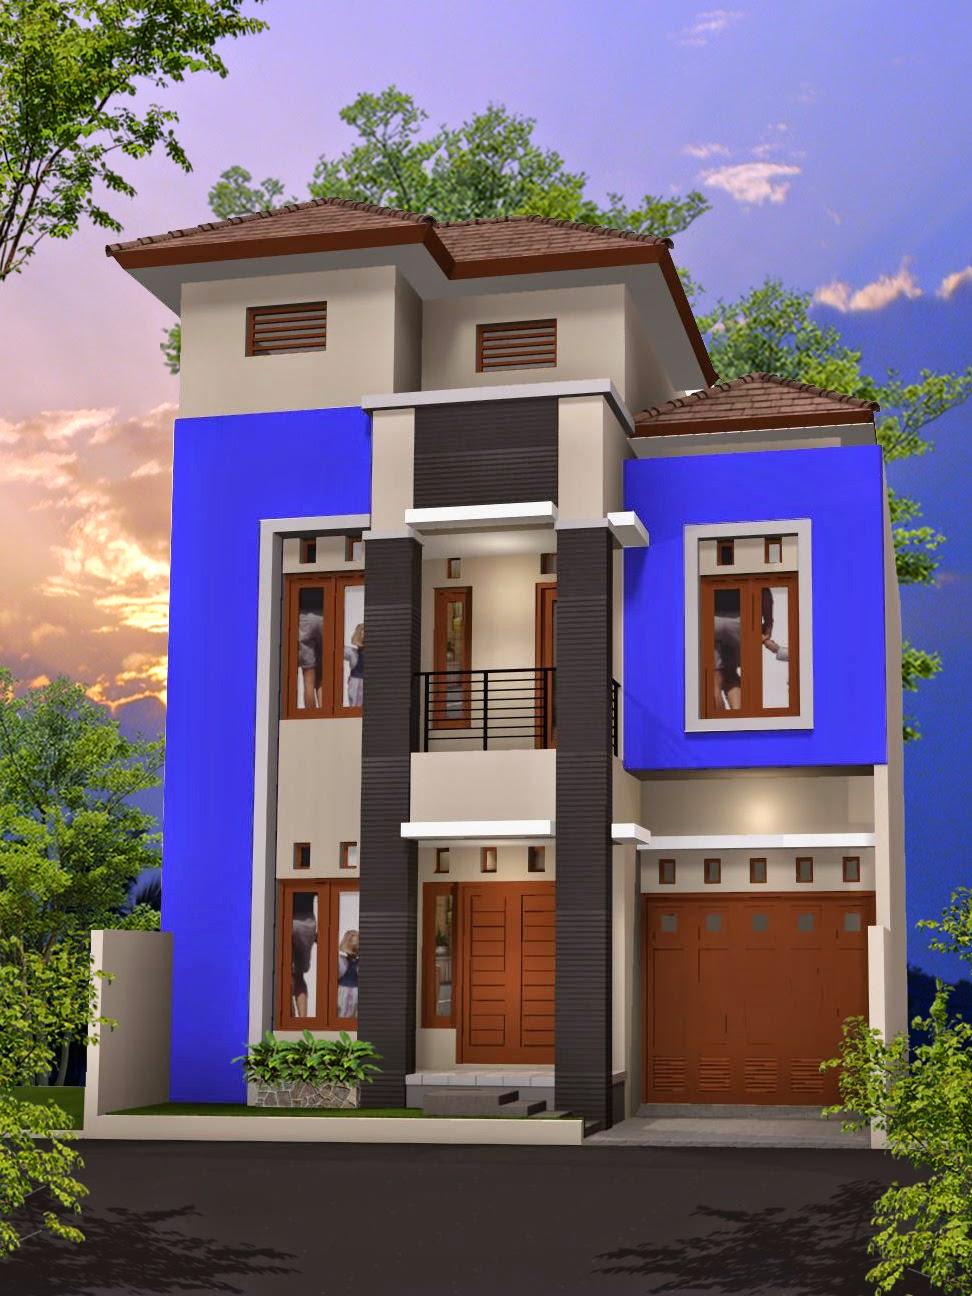 60 Desain Rumah Minimalis Modern 3 Lantai Desain Rumah Minimalis